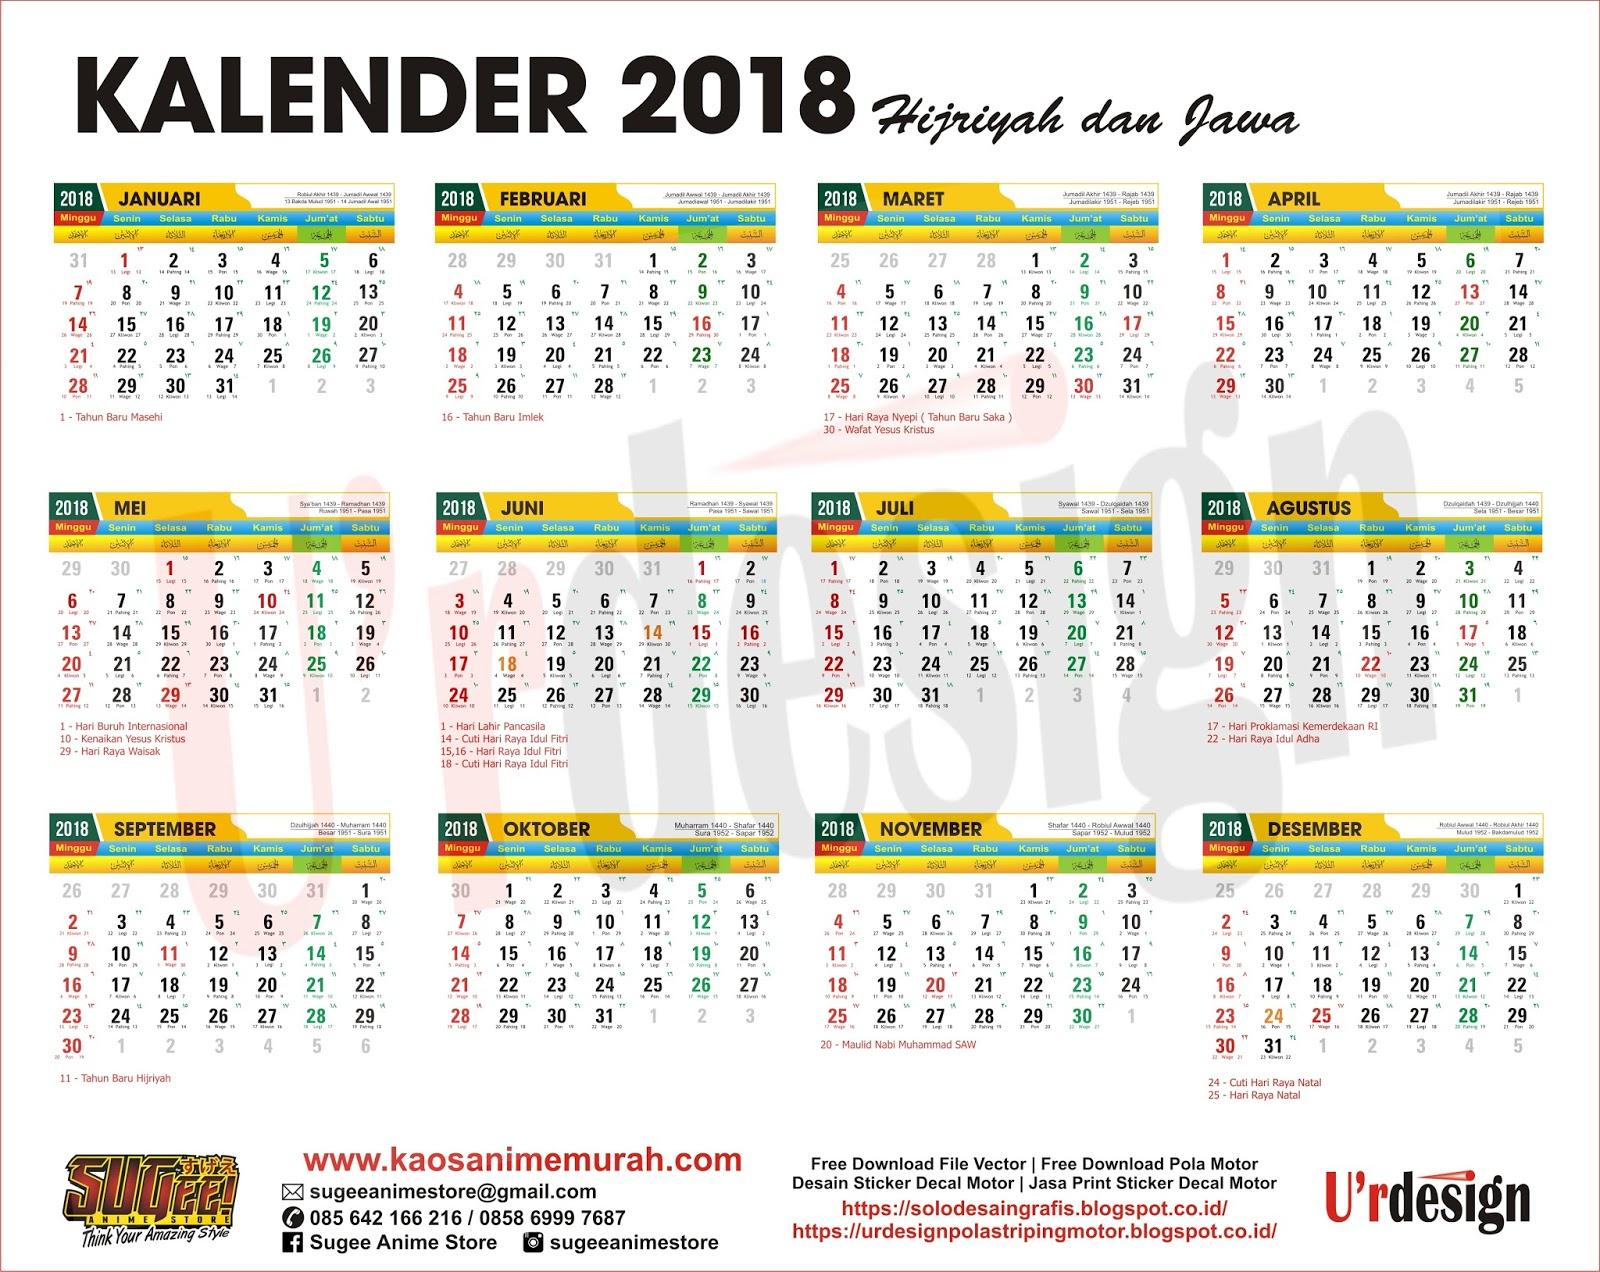 free download kalender 2018 lengkap hijriyah jawa u 39 rdesign. Black Bedroom Furniture Sets. Home Design Ideas